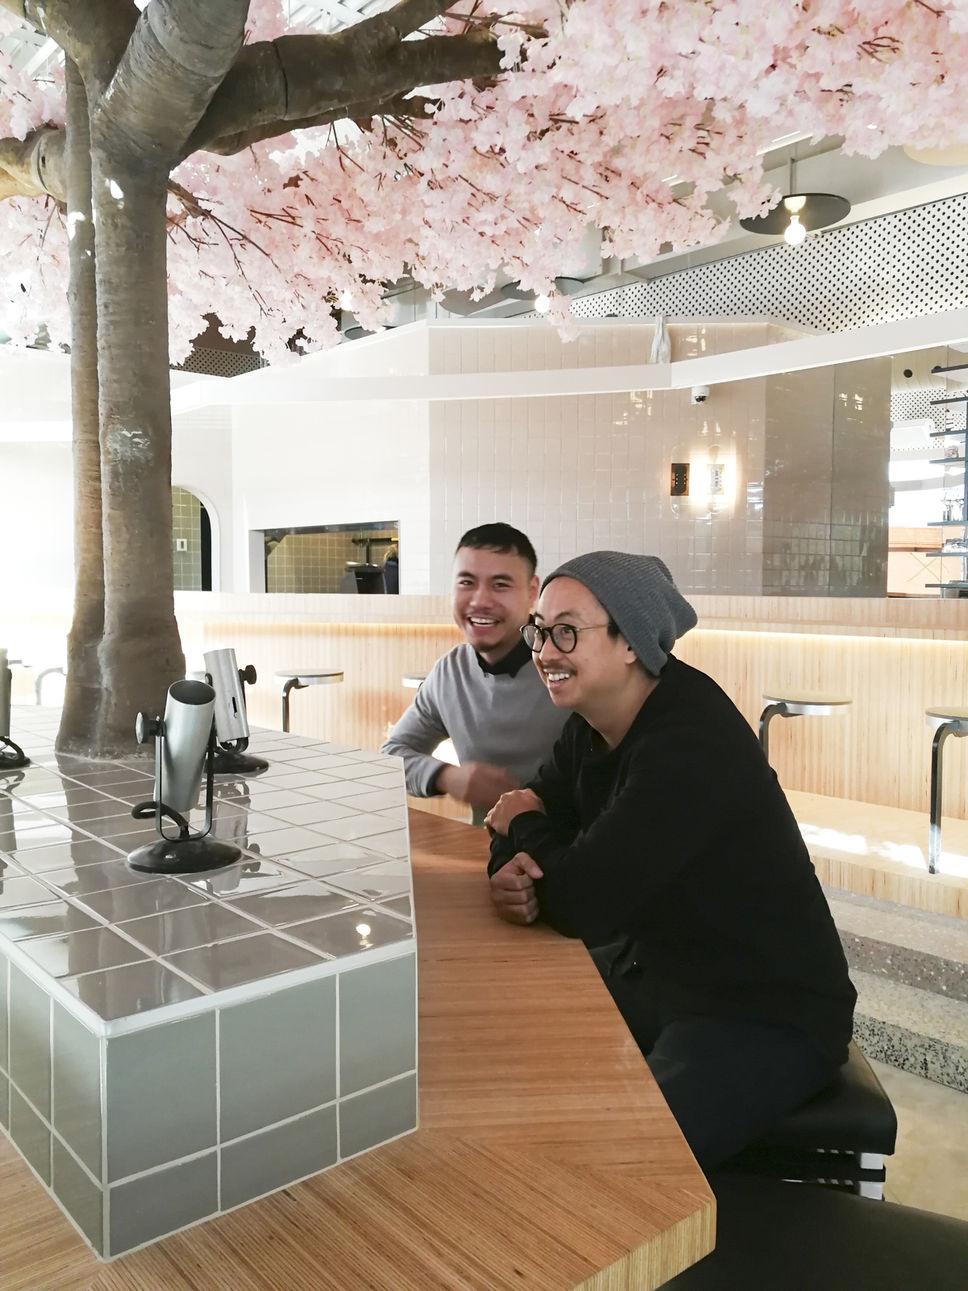 JournaldeMontreal - Son propriétaire, Dan Pham, est le même qui se cache derrière le resto-bar vietnamien Red Tiger et le snack-bar hawaïen Kamehameha, également situés dans le Village.